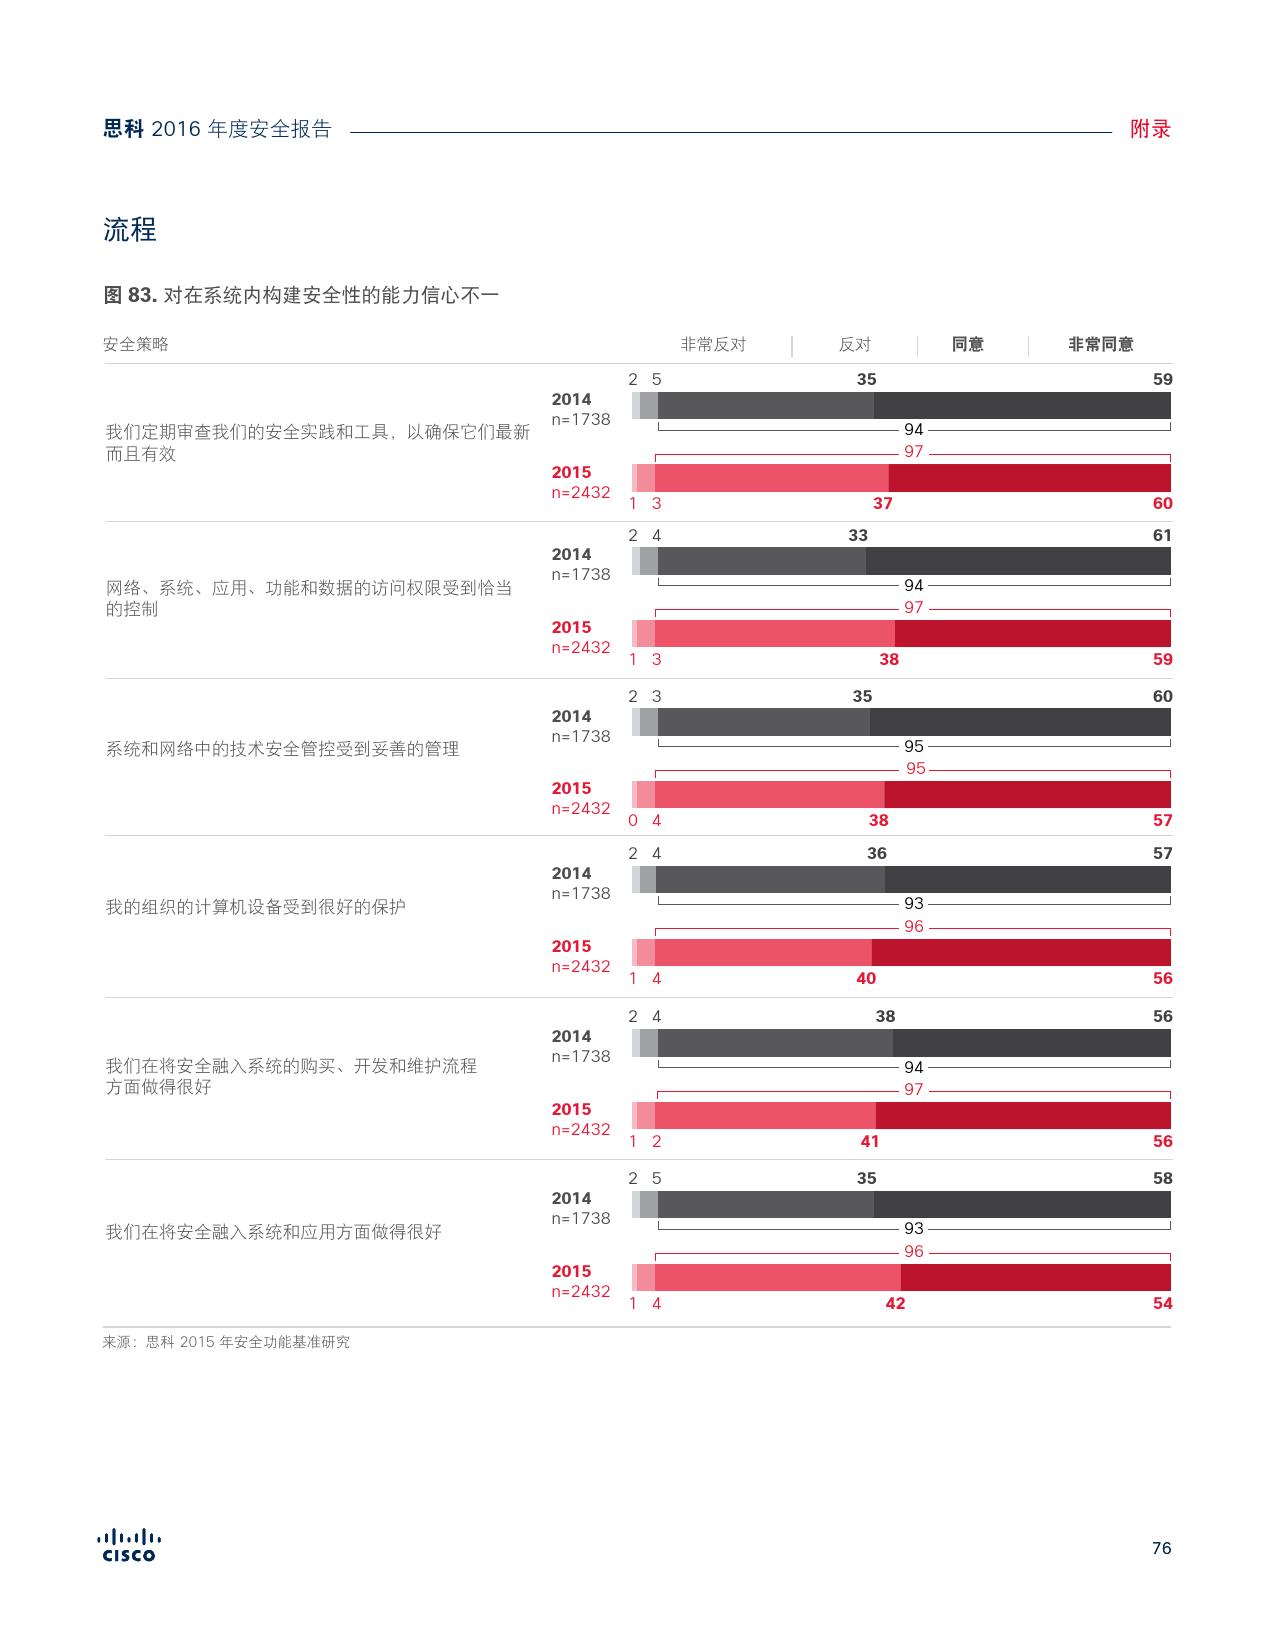 2016年中网络安全报告_000076